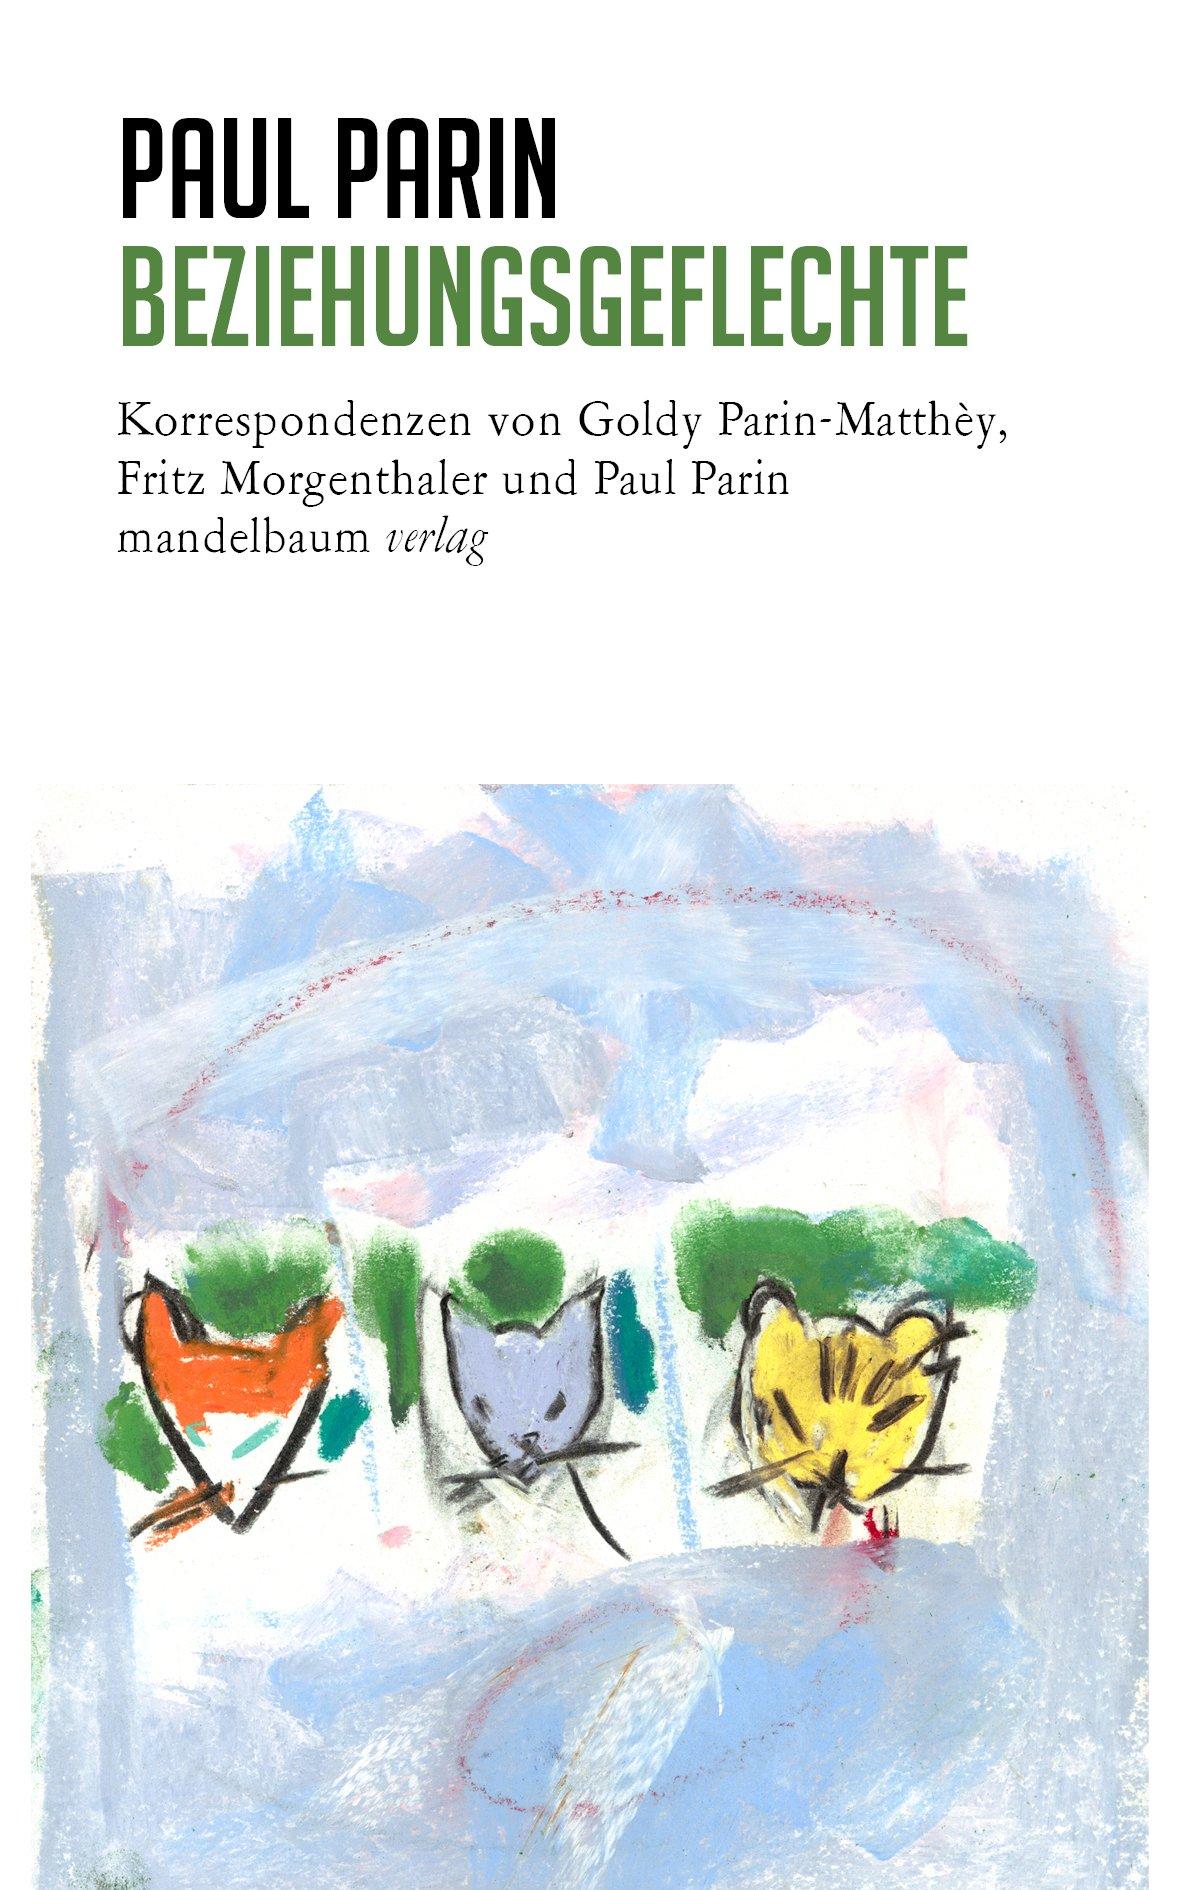 Beziehungsgeflechte. Korrespondenzen von Goldy Parin-Matthey, Fritz Morgenthaler und Paul Parin